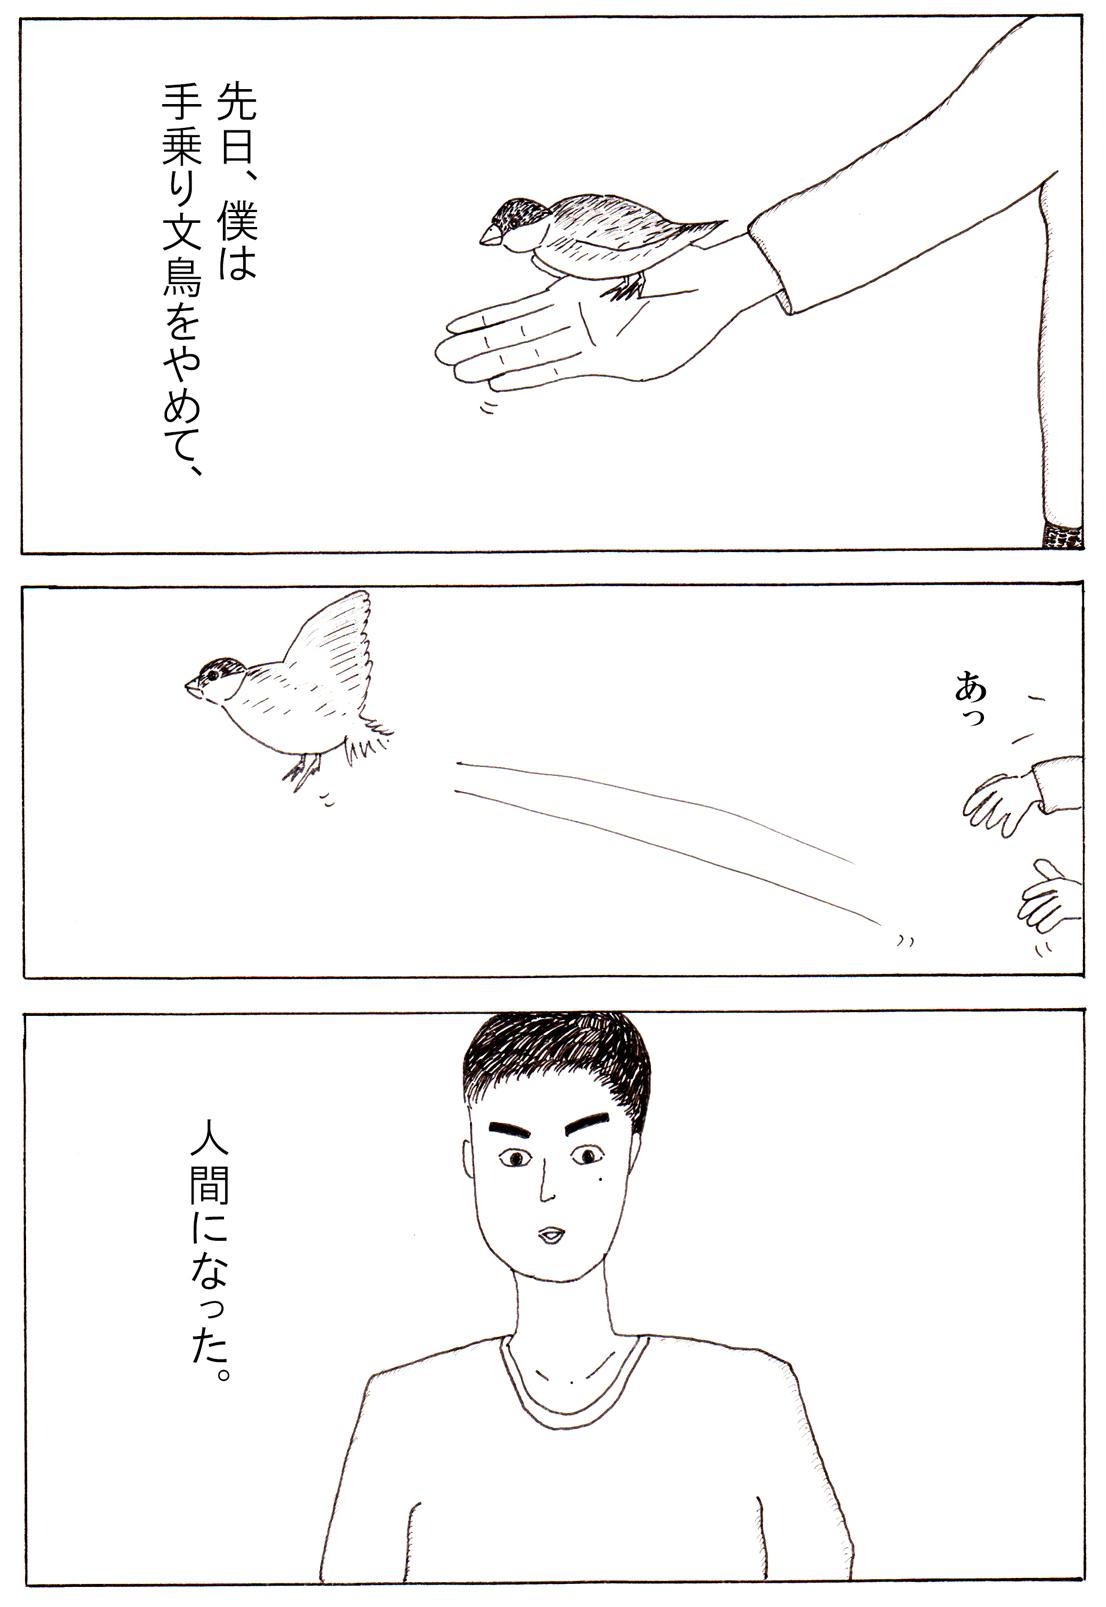 手乗り文鳥が青年に生まれ変わって西荻窪でカフェを始めた話の漫画 第1回「常連の鳥飼さん」